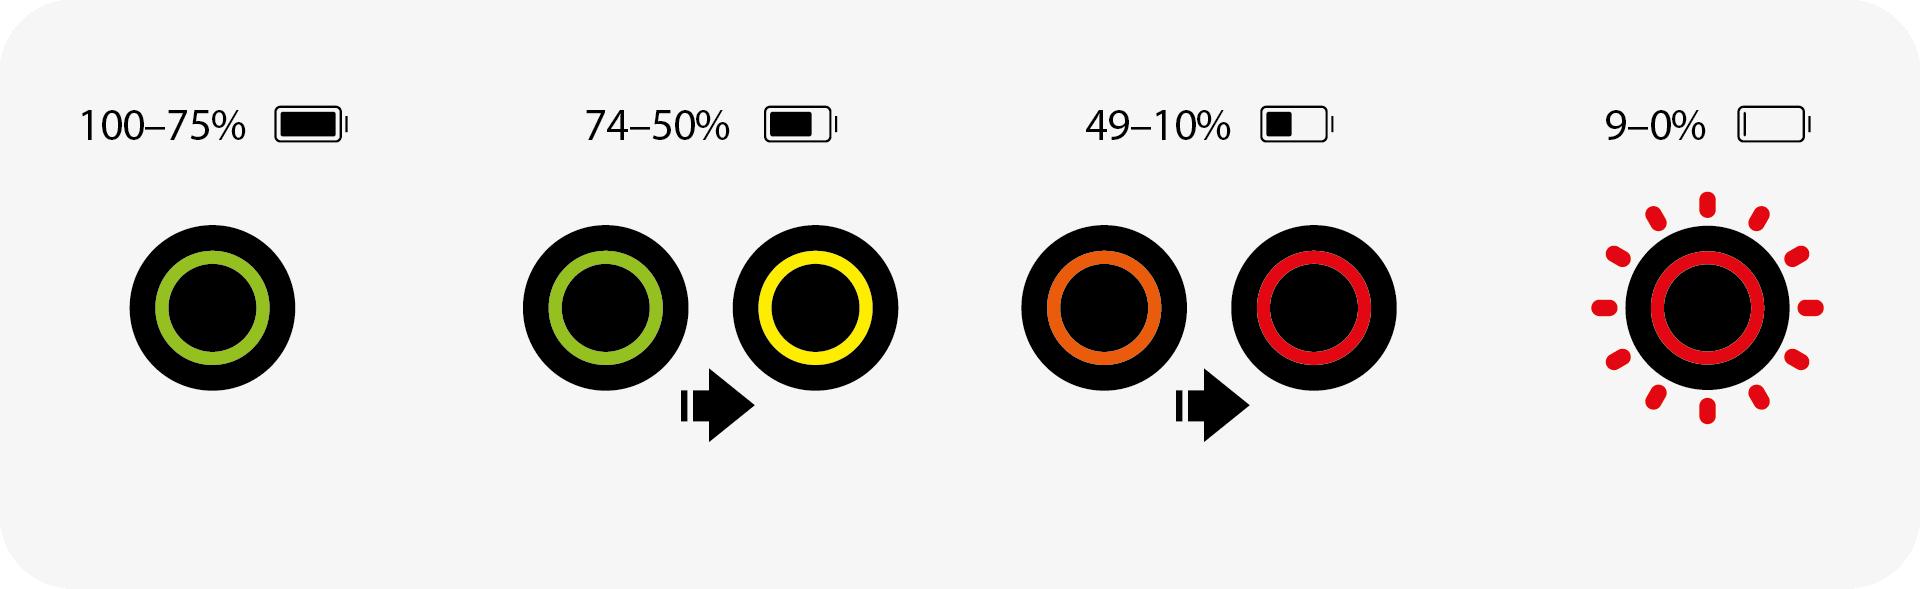 Battery-charge-level-indicator